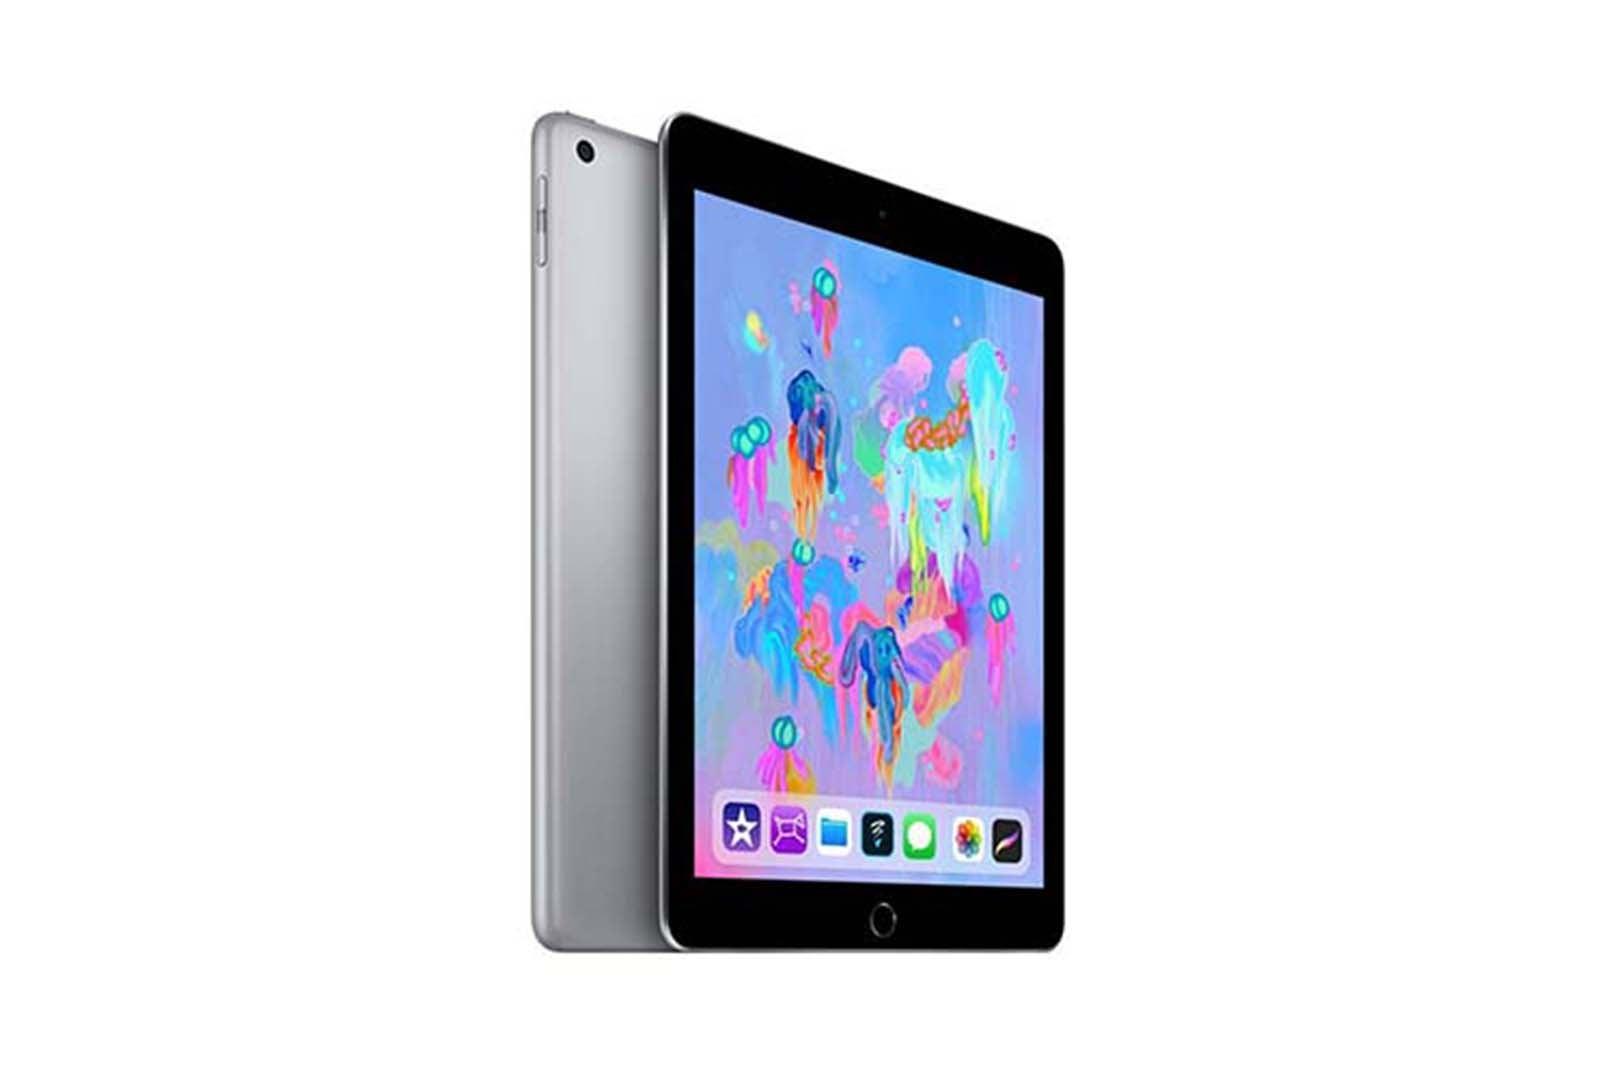 9.7-inch iPad (6th Generation, 32GB).